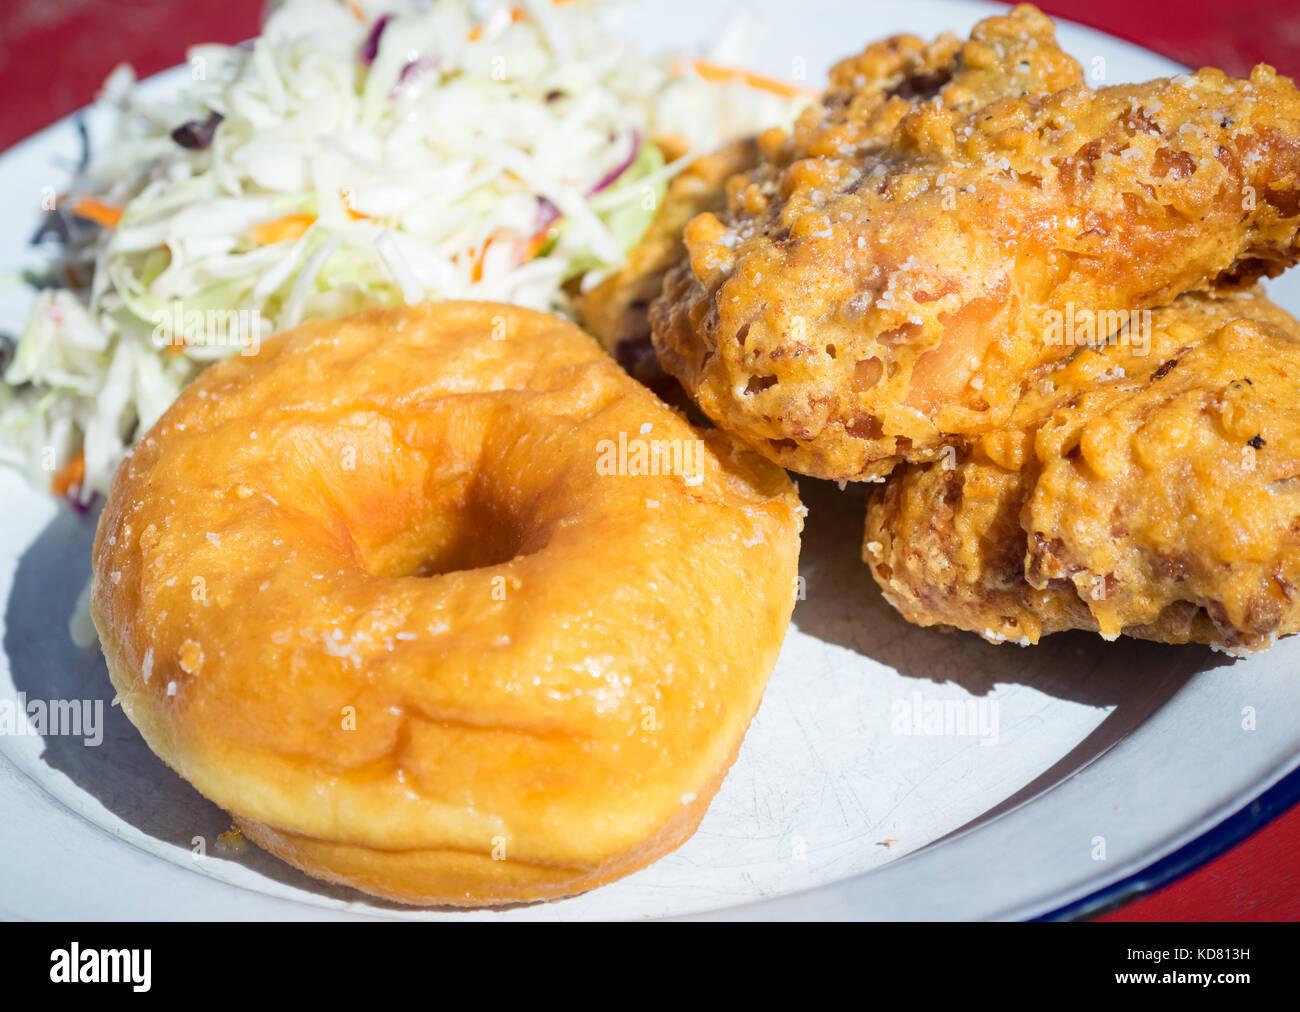 Fried Chicken und Donuts (gebratenes Huhn und Krapfen) von Erbarmen, einem beliebten us Southern Food Restaurant Stockbild